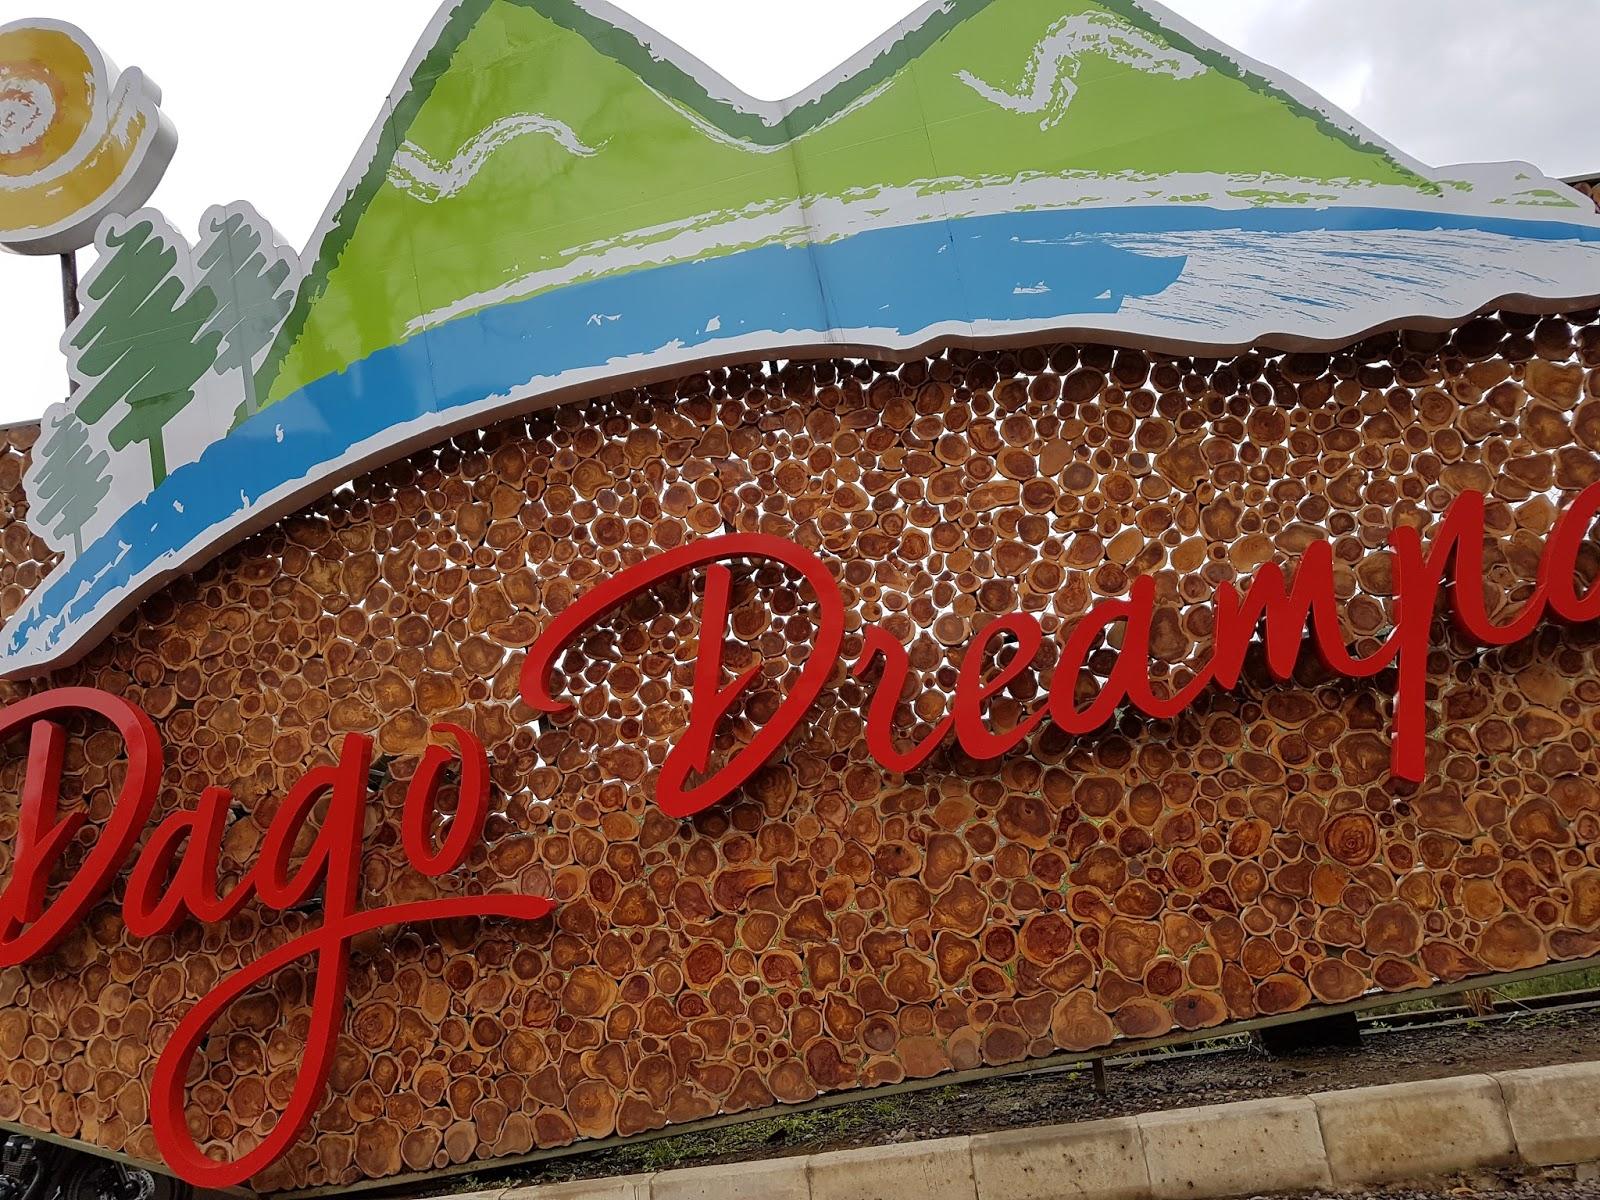 Dago Dream Park Tempat Liburan Bersama Anak Terbaru Di Bandung